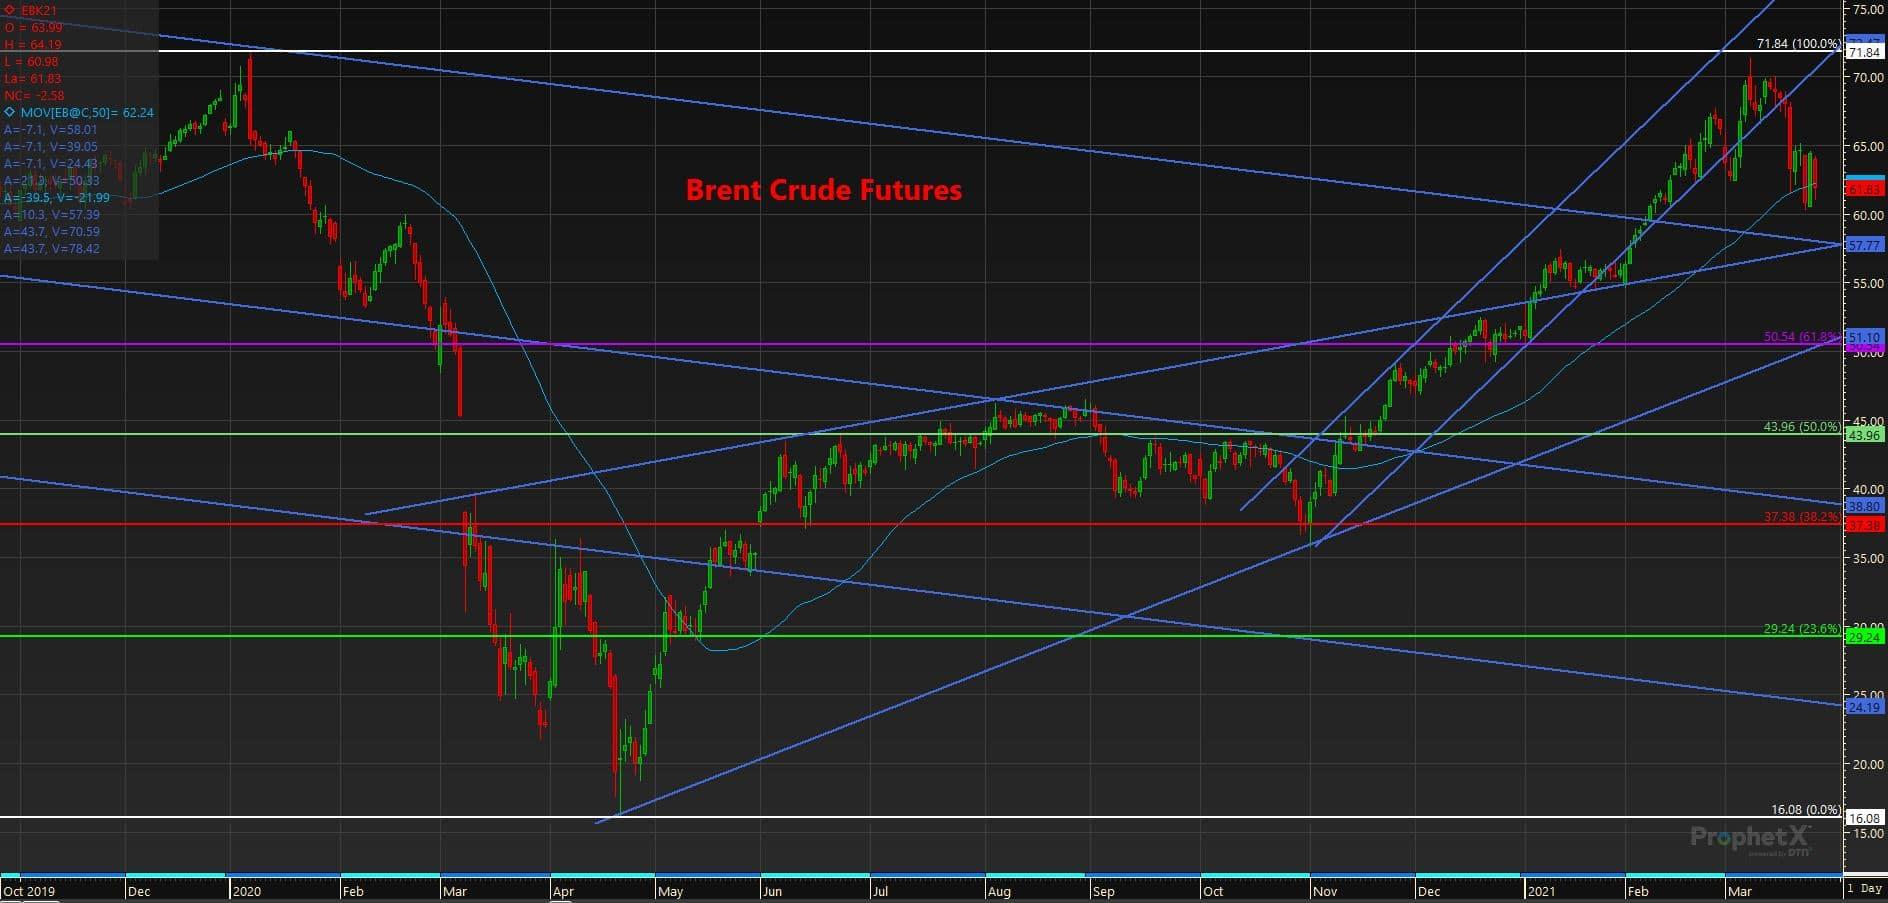 3.25.21 Brent Crude Futures